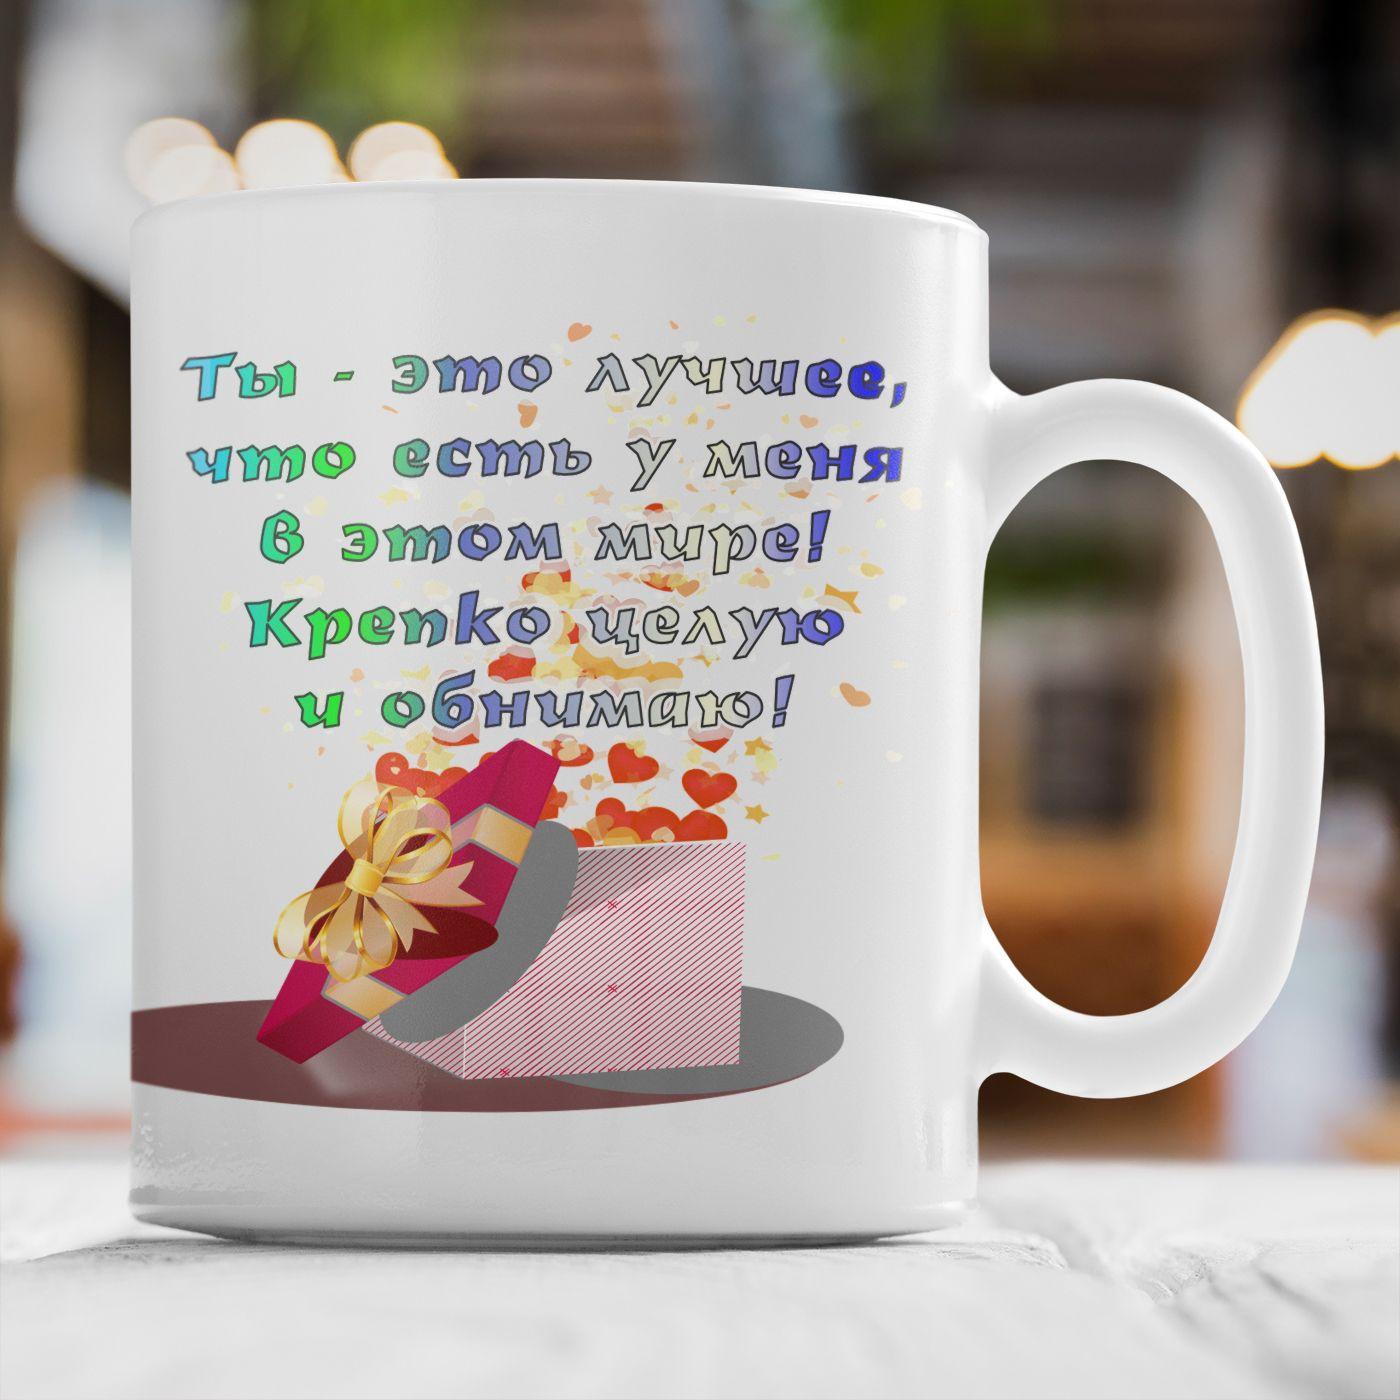 Поздравление для подарка чашка